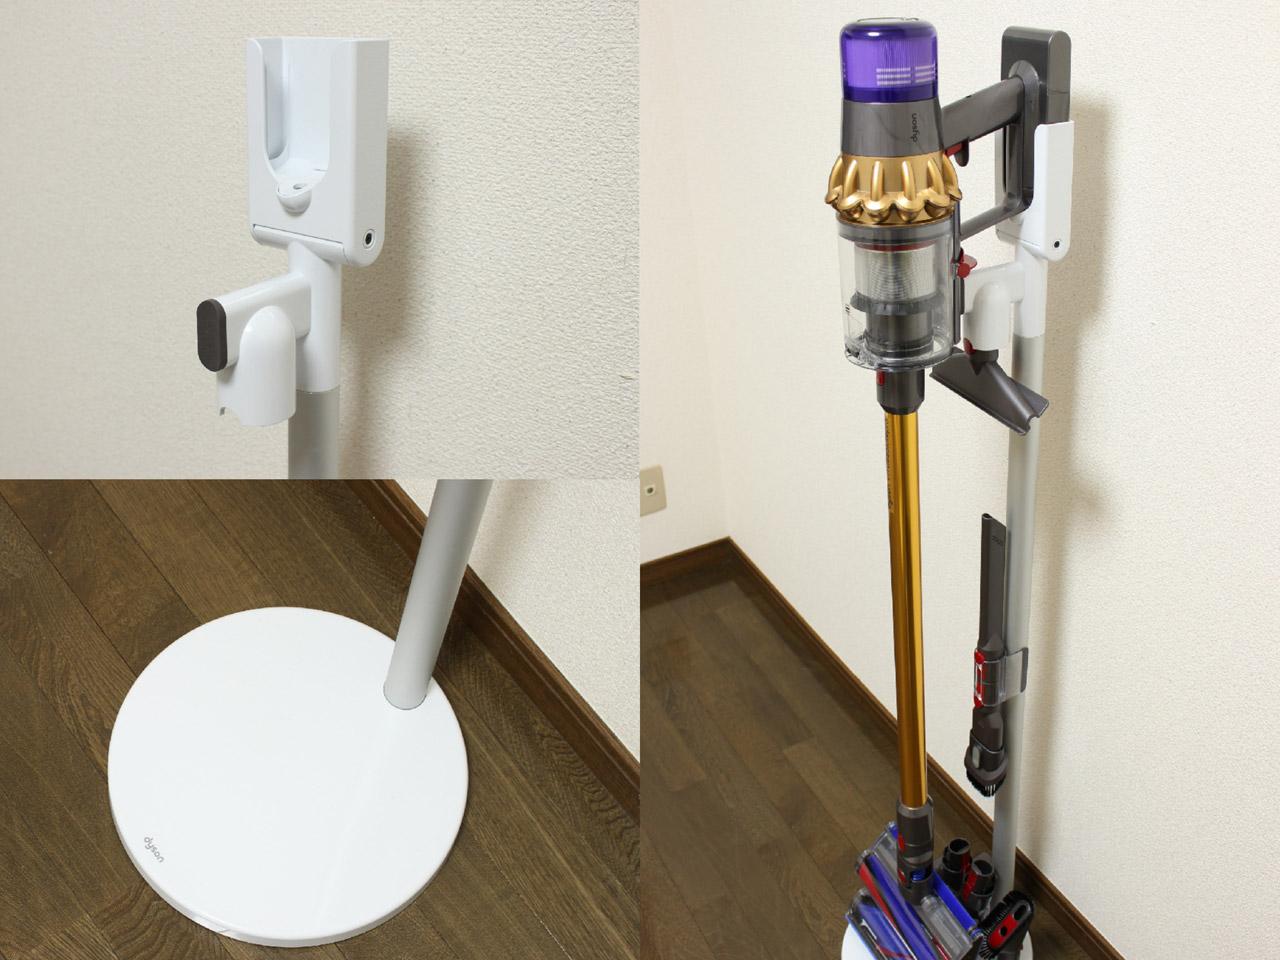 ダイソンV11の充電方法(充電ドック・スタンド)